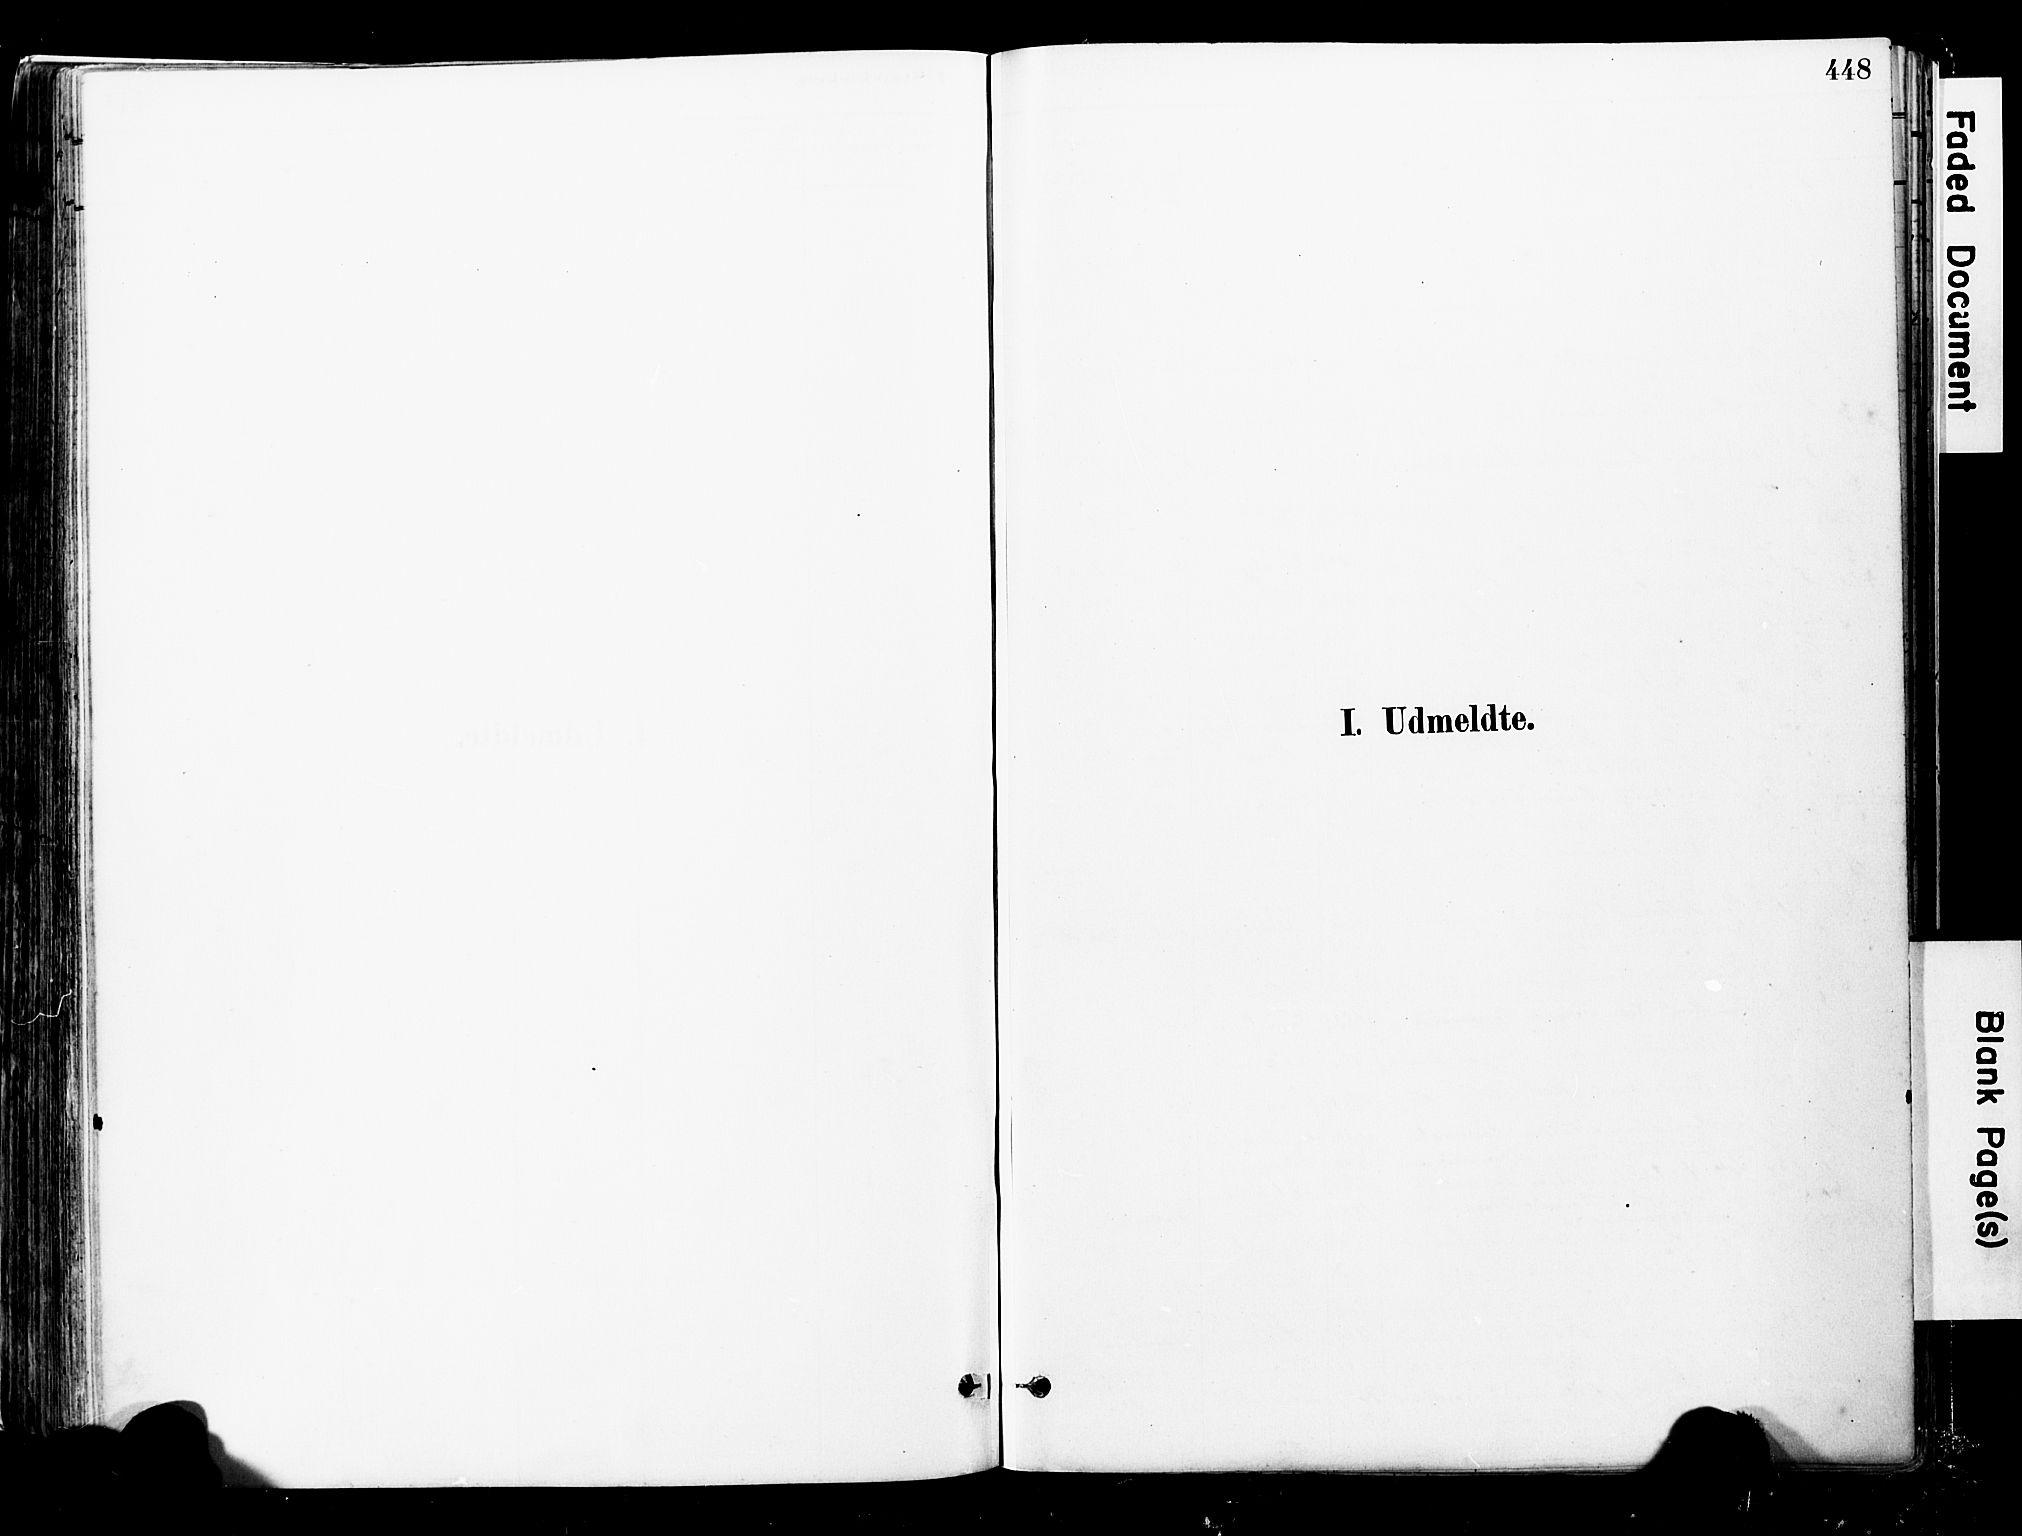 SAT, Ministerialprotokoller, klokkerbøker og fødselsregistre - Nord-Trøndelag, 723/L0244: Ministerialbok nr. 723A13, 1881-1899, s. 448